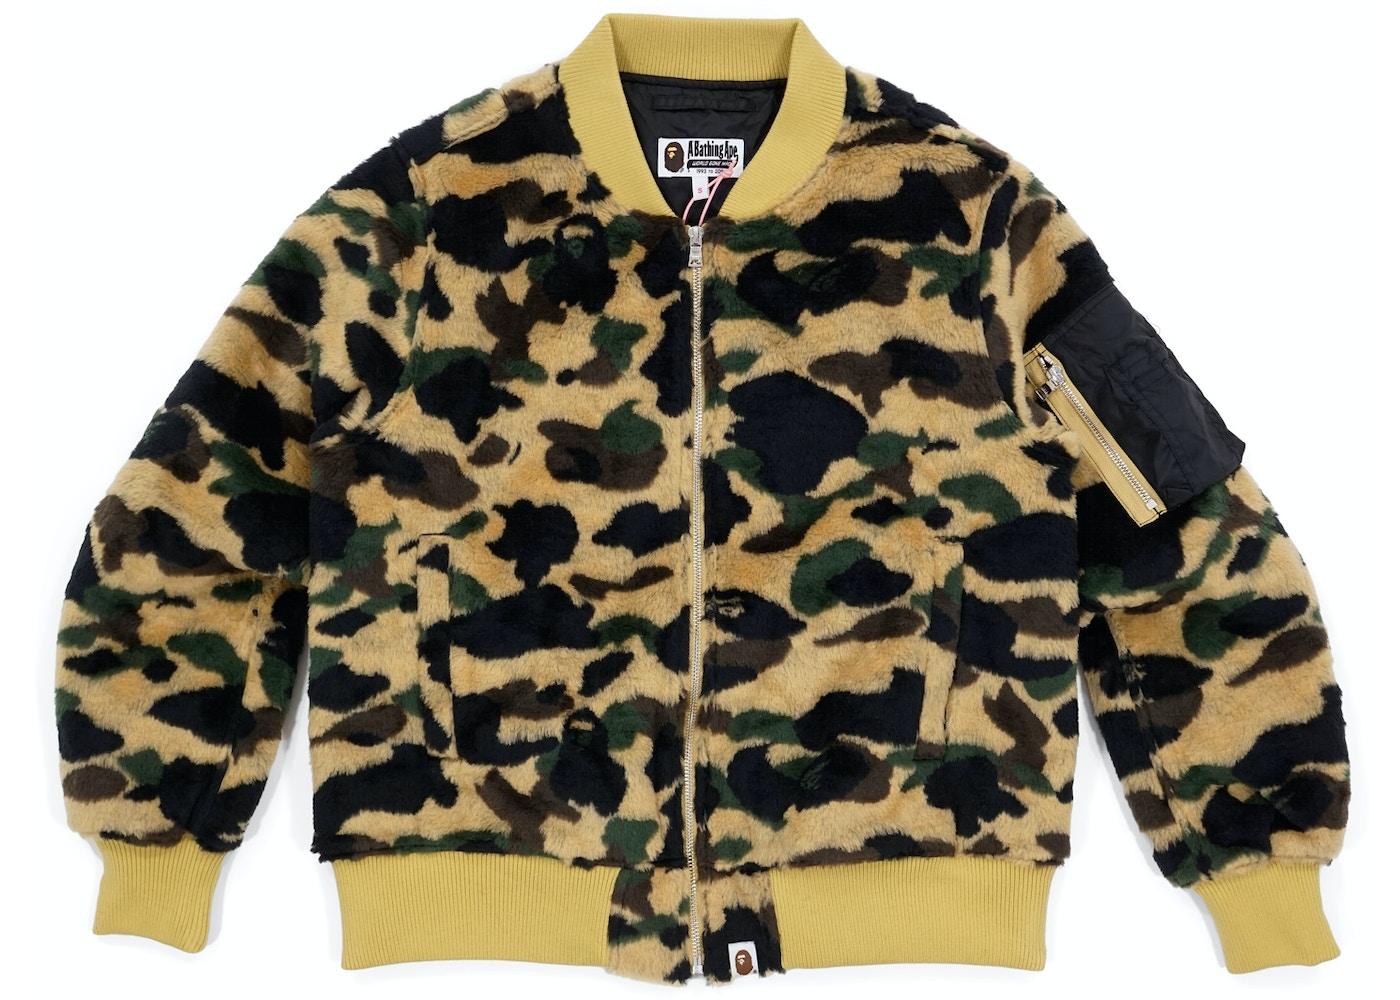 Bape Jackets - Buy   Sell Streetwear 468b0c4d7